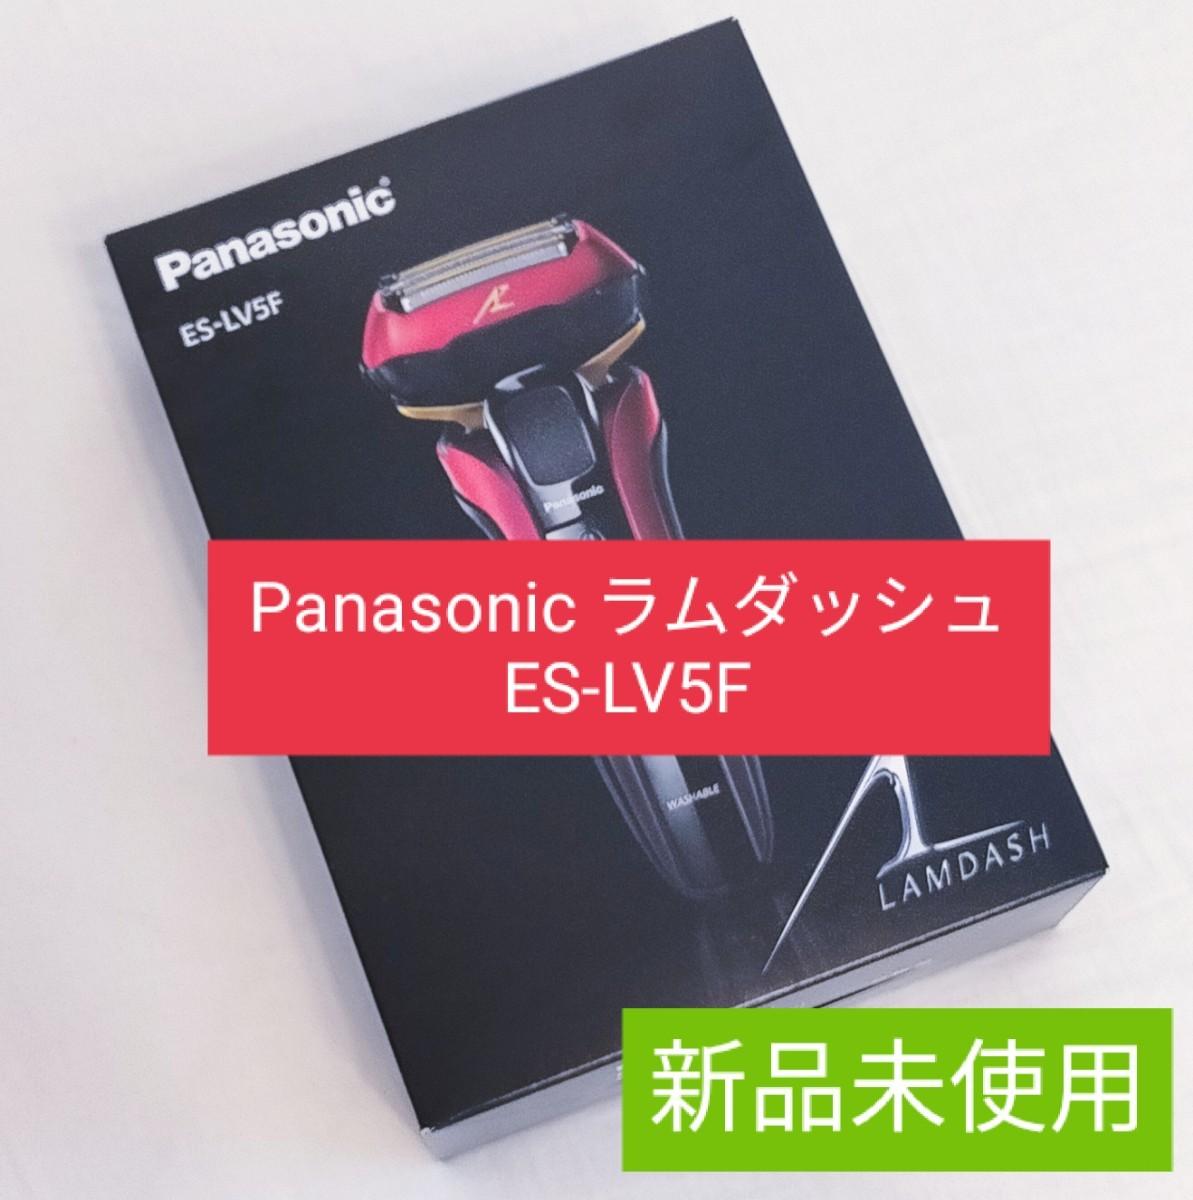 ラムダッシュ 5枚刃 ES-LV5F R 新品未使用 Panasonic パナソニック 赤